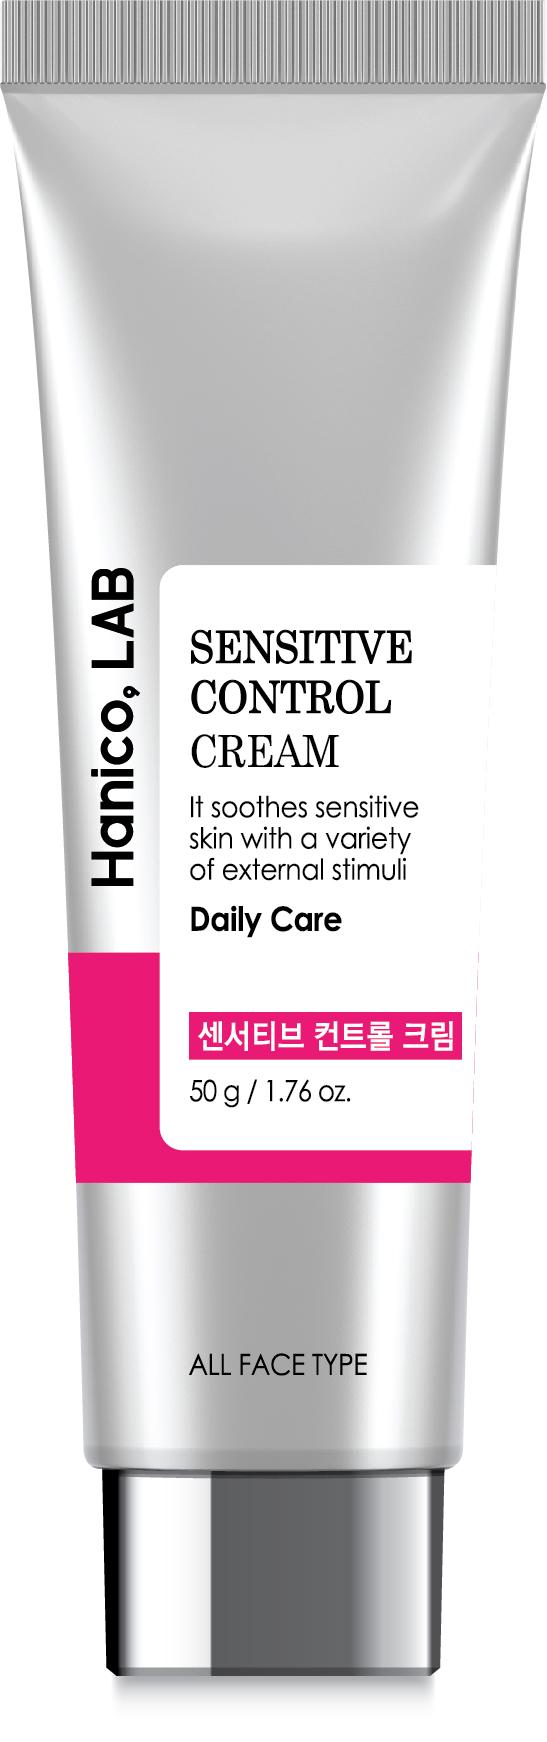 Kem Dưỡng Chuyên Sâu Dành Cho Da Nhạy Cảm Hanico, Lab/ Hanico, Lab Sensitive Control Cream (50g)